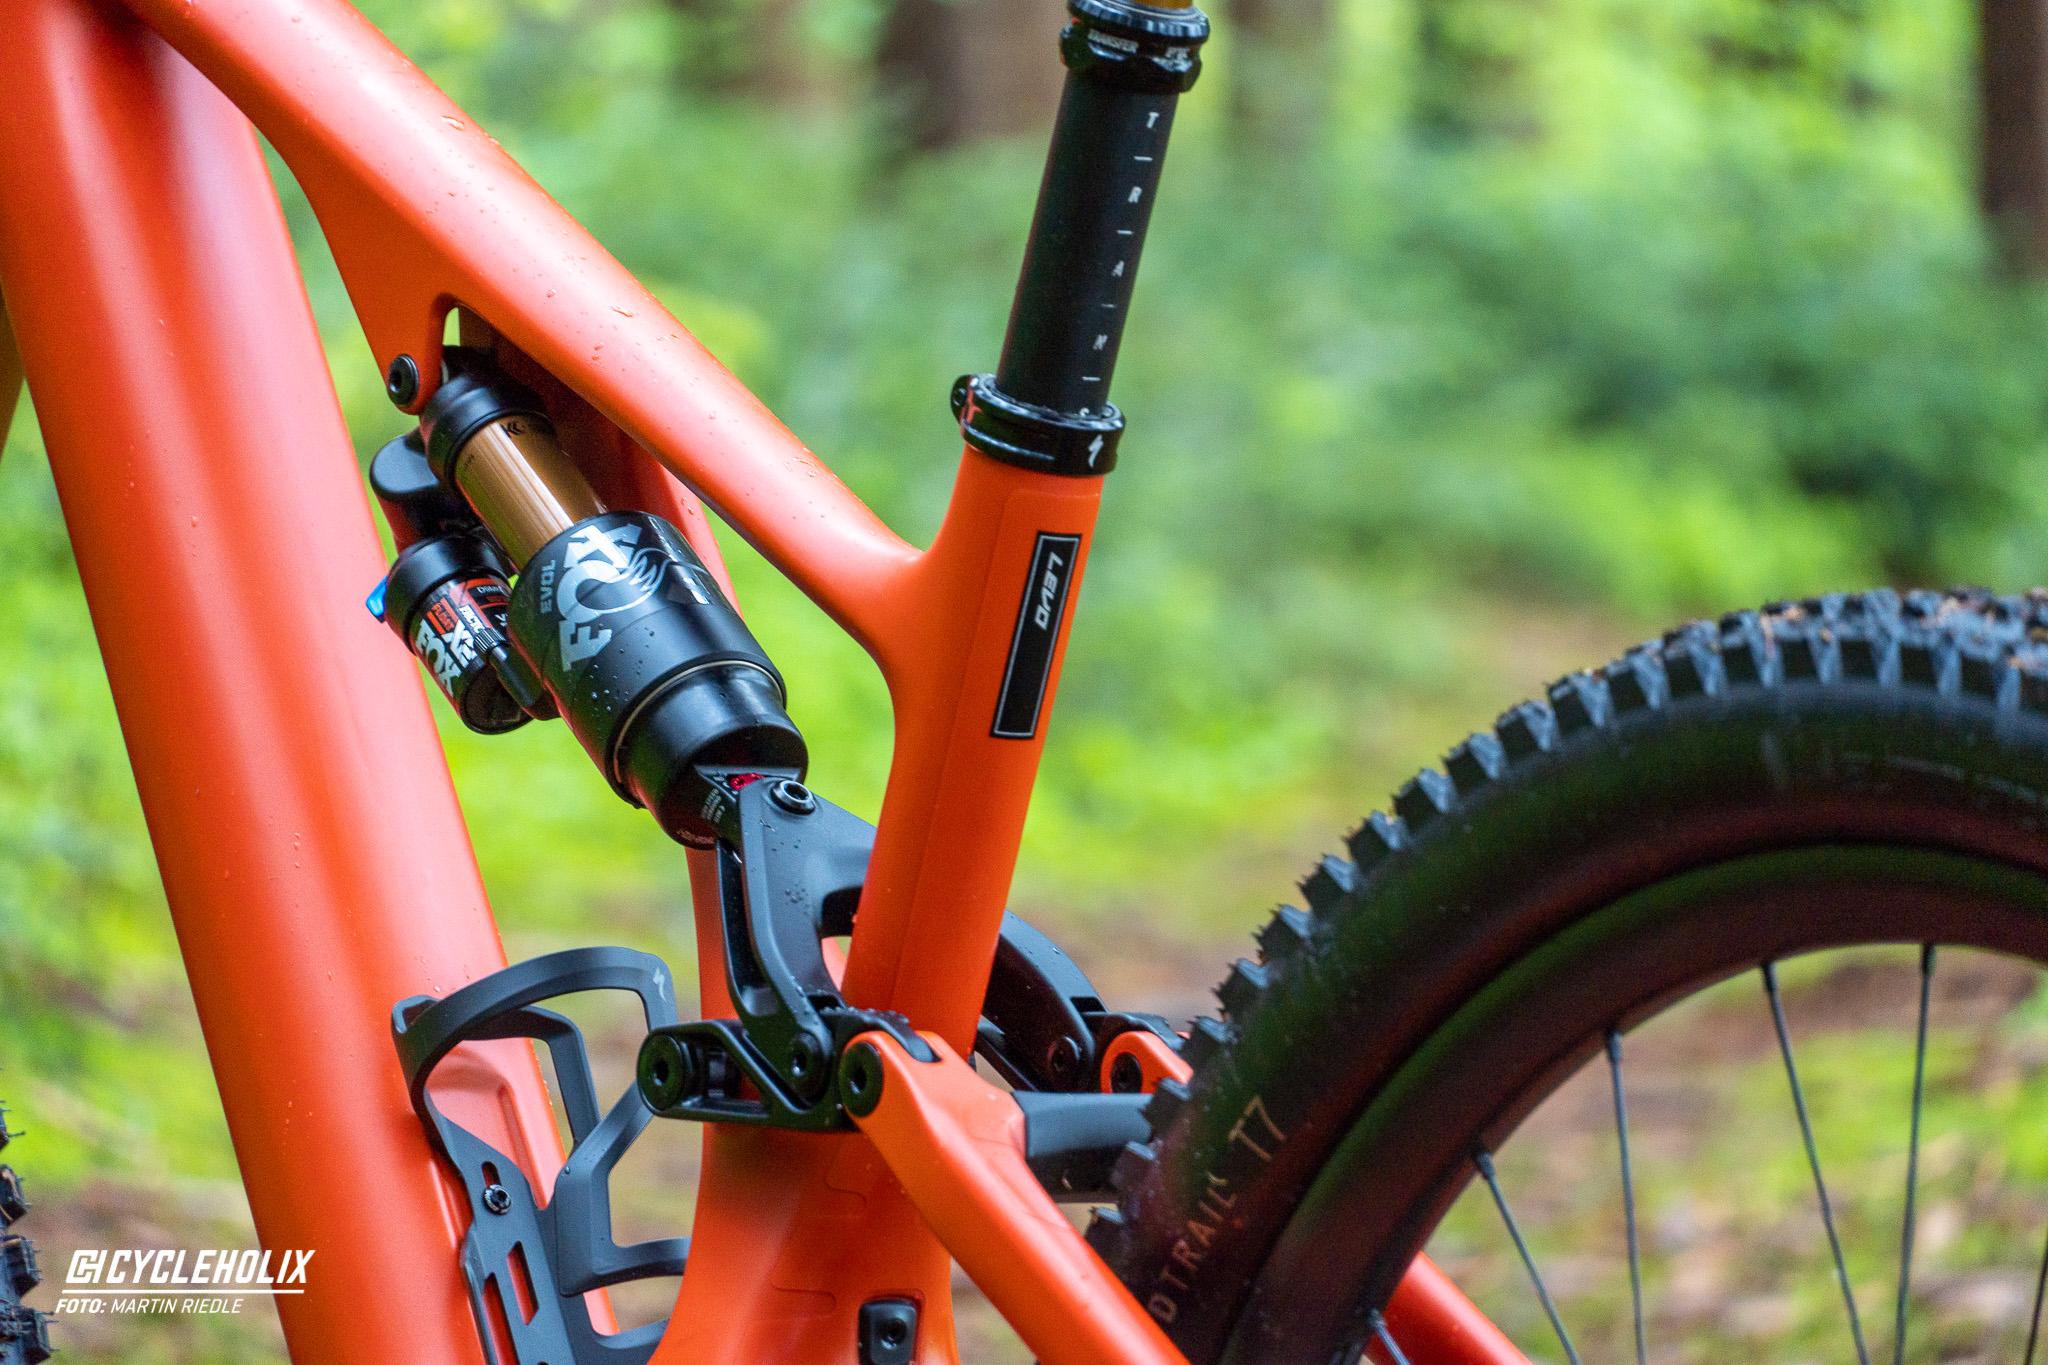 Specialized Levo 16 Cycleholix